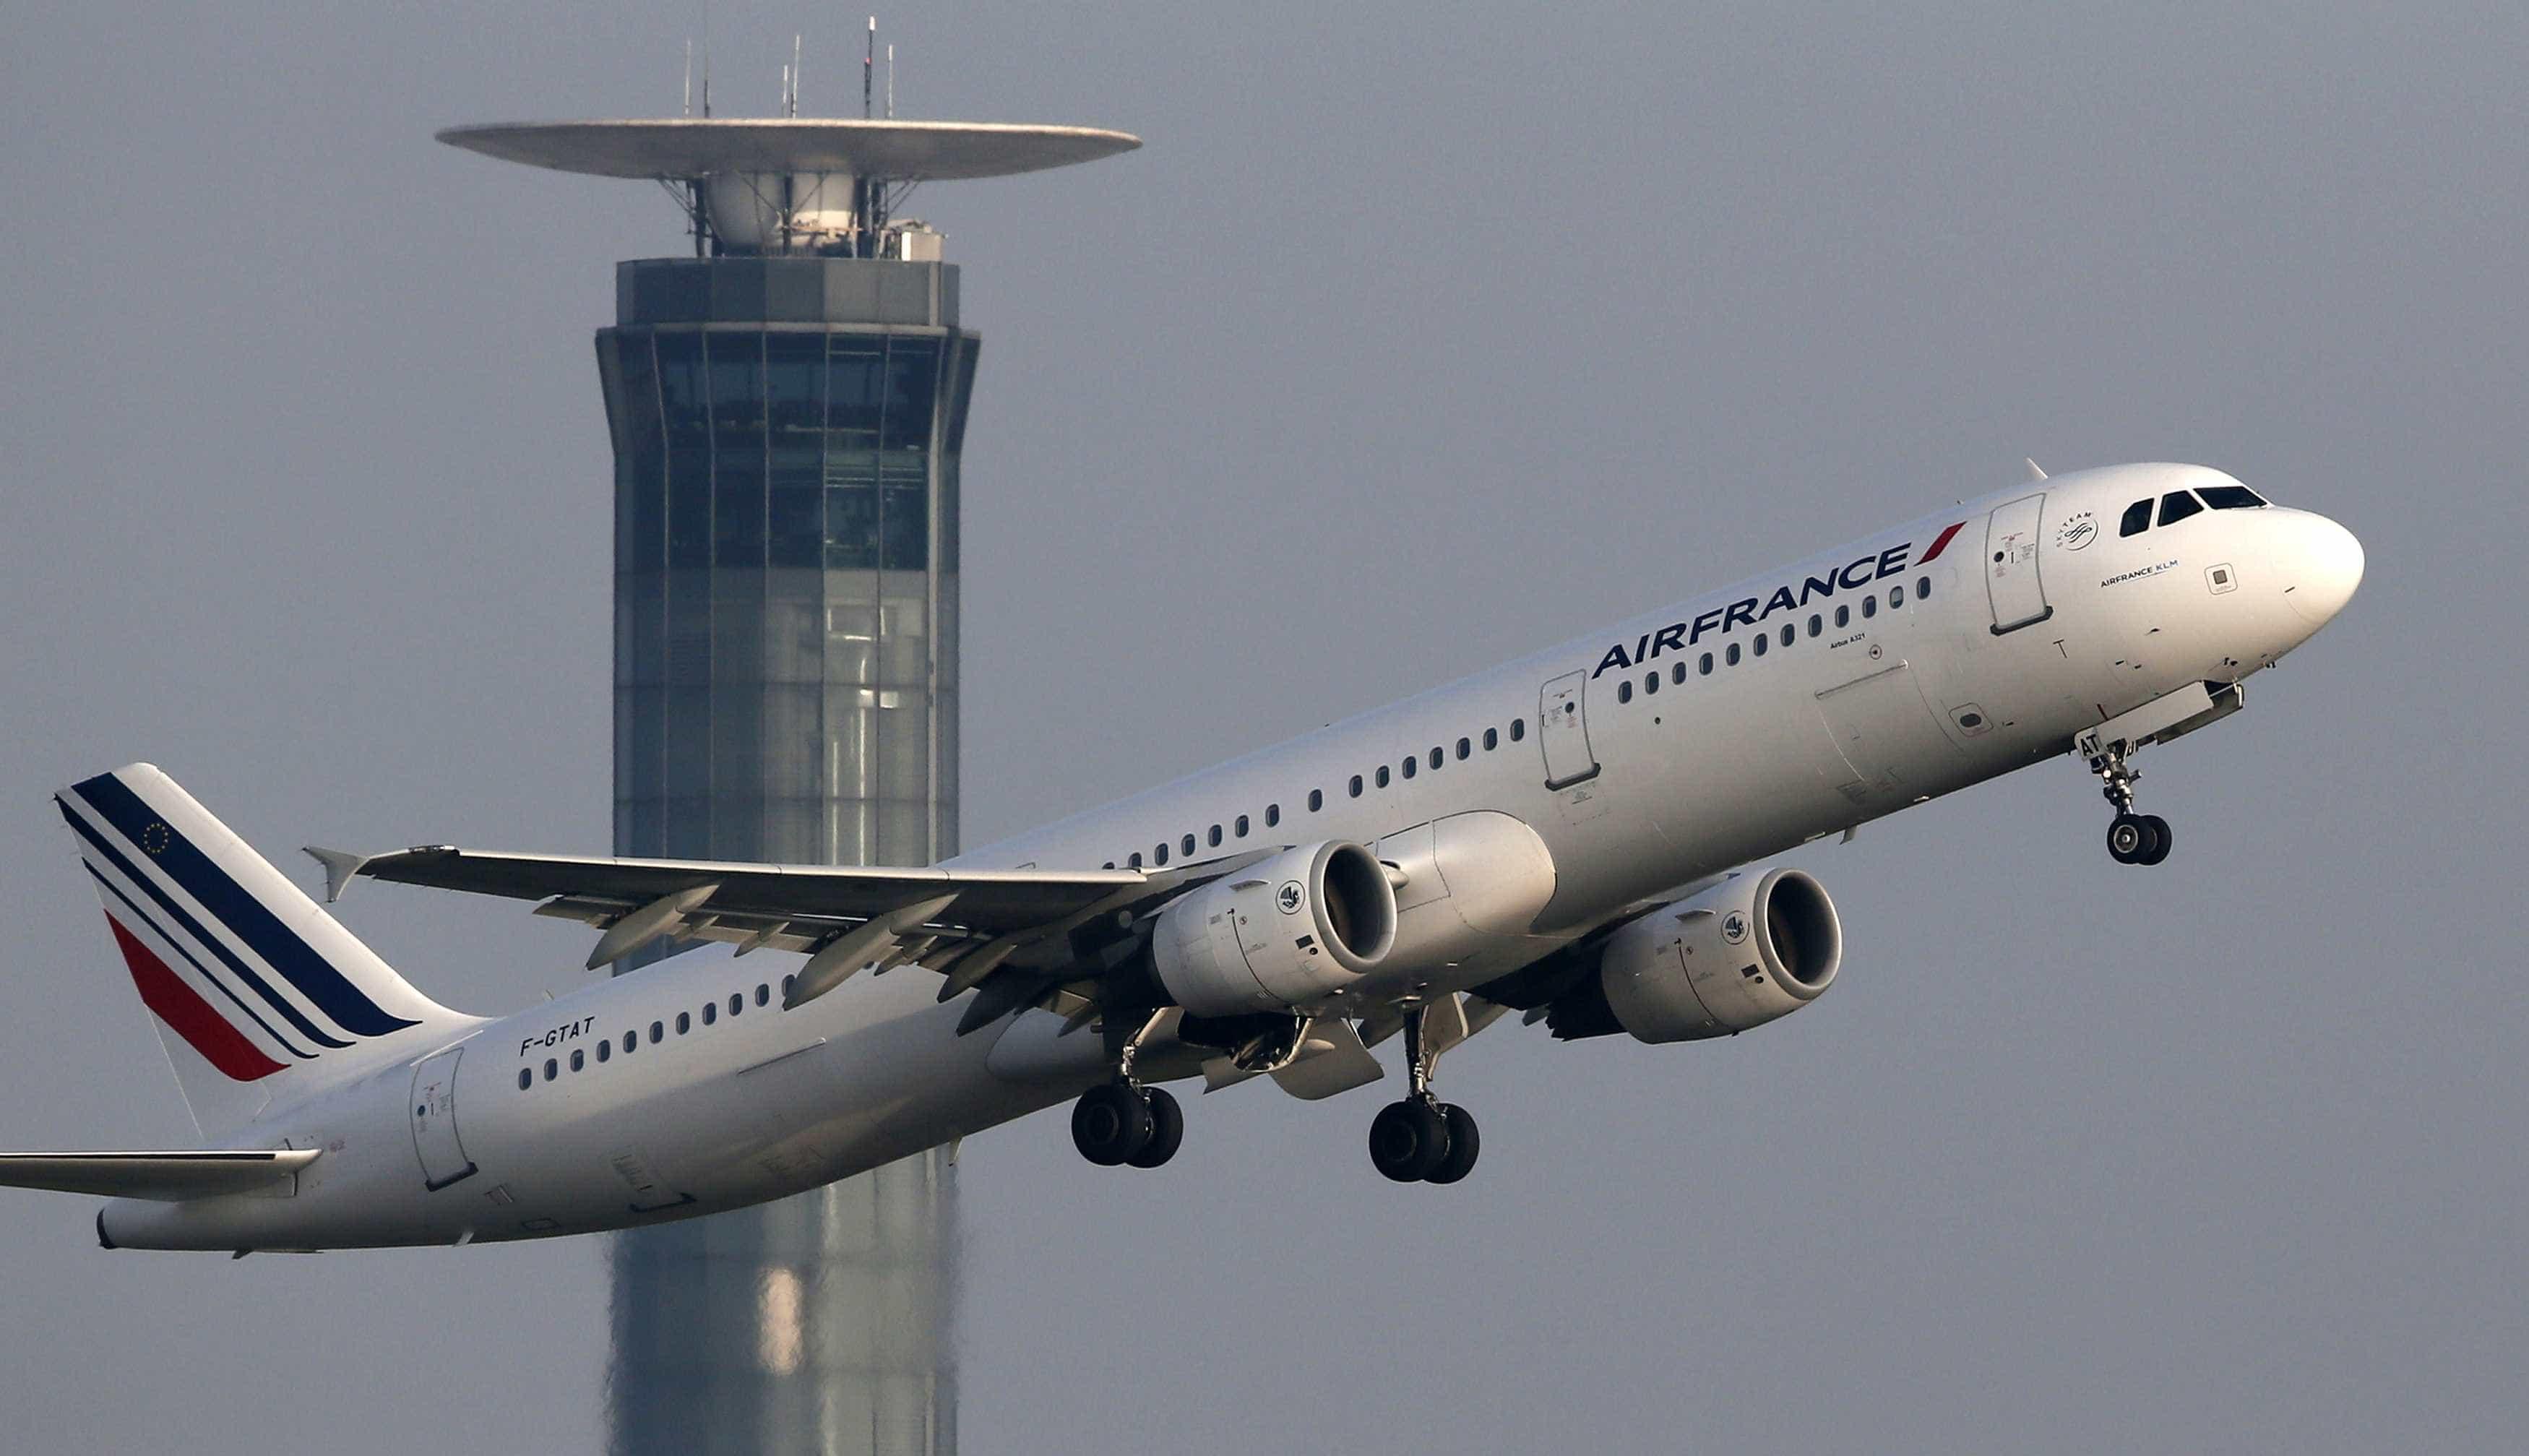 tráfego aéreo, controlador, controladores, torre de controlo, avião, descolagem, descolar, air france